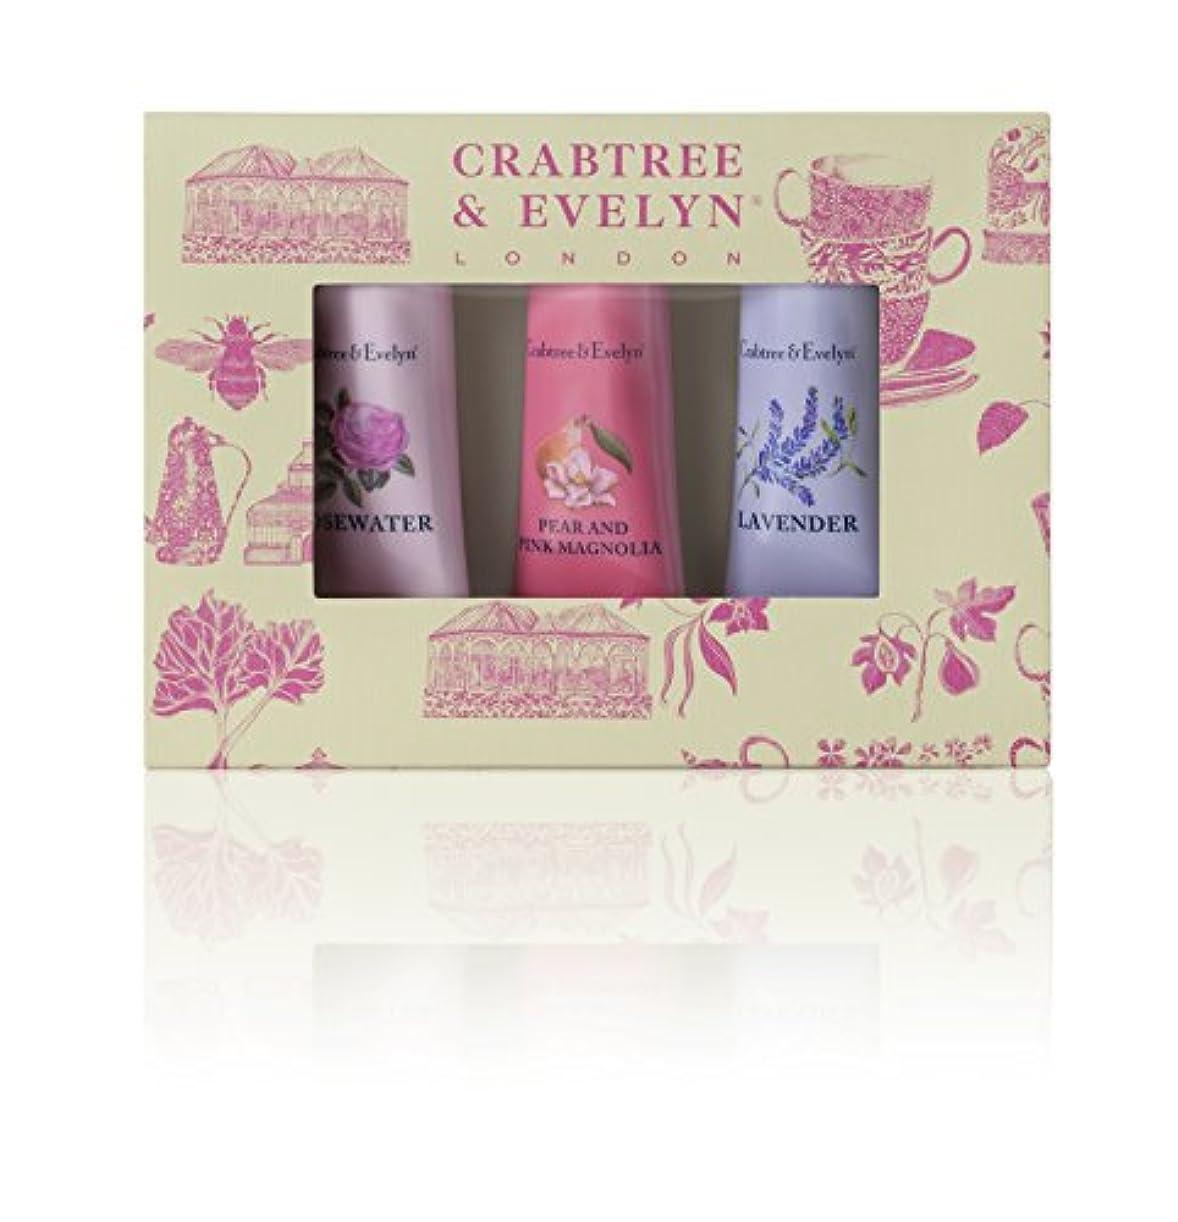 入場料ハンバーガー思春期クラブツリー&イヴリン Florals Hand Therapy Set (1x Pear & Pink Magnolia, 1x Rosewater, 1x Lavender) 3x25g/0.9oz並行輸入品